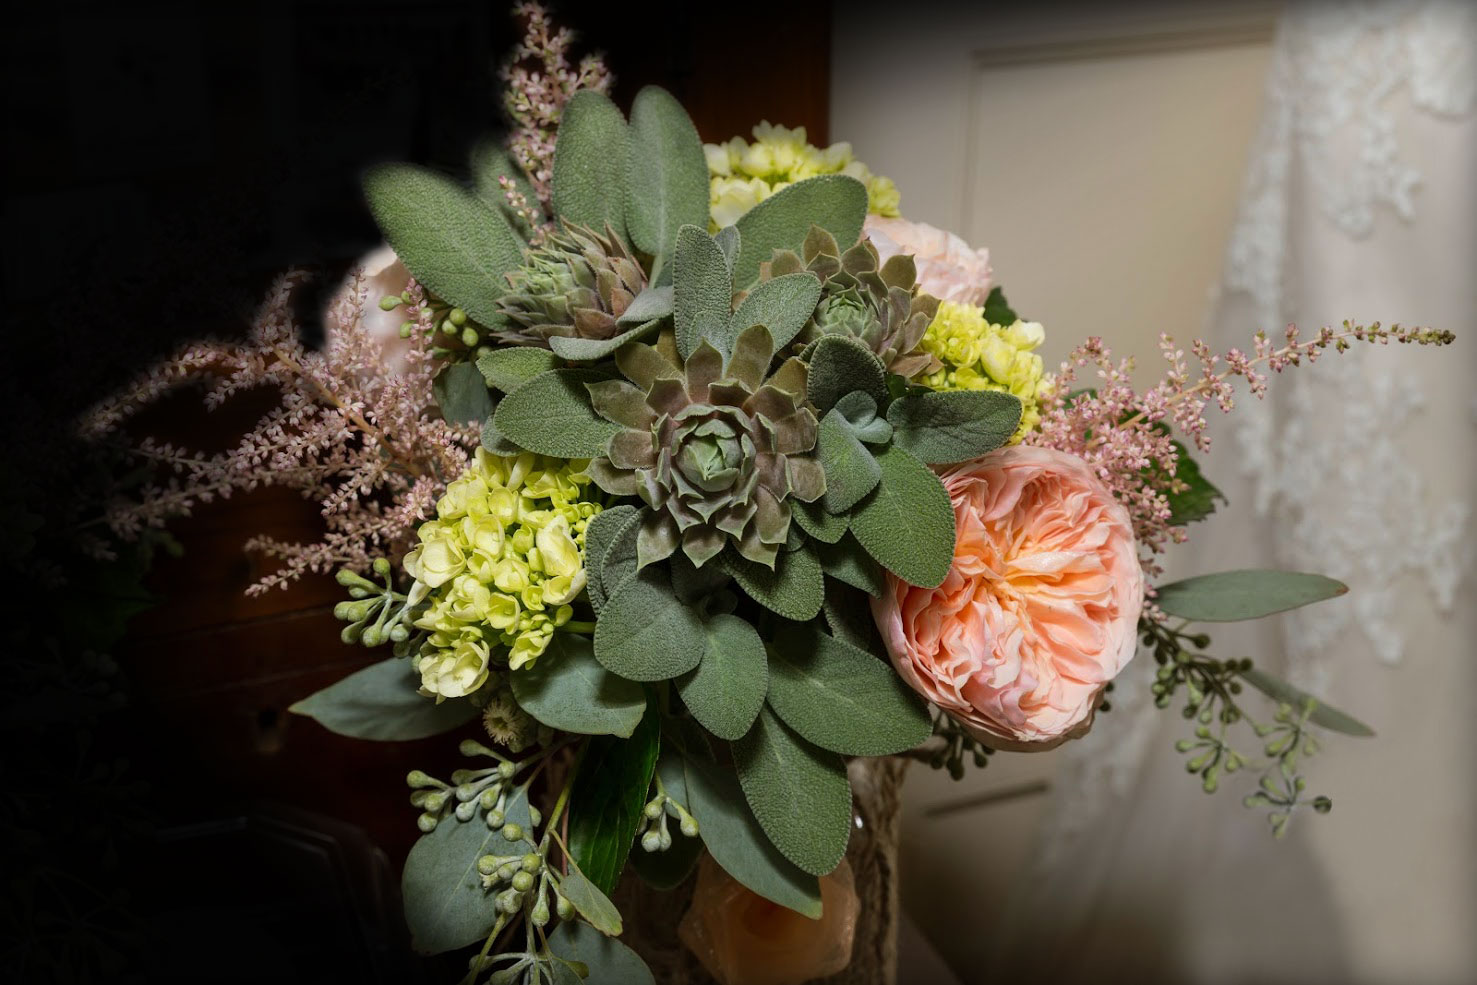 Garden rose & succulent bouquet : Leah C-S Photography